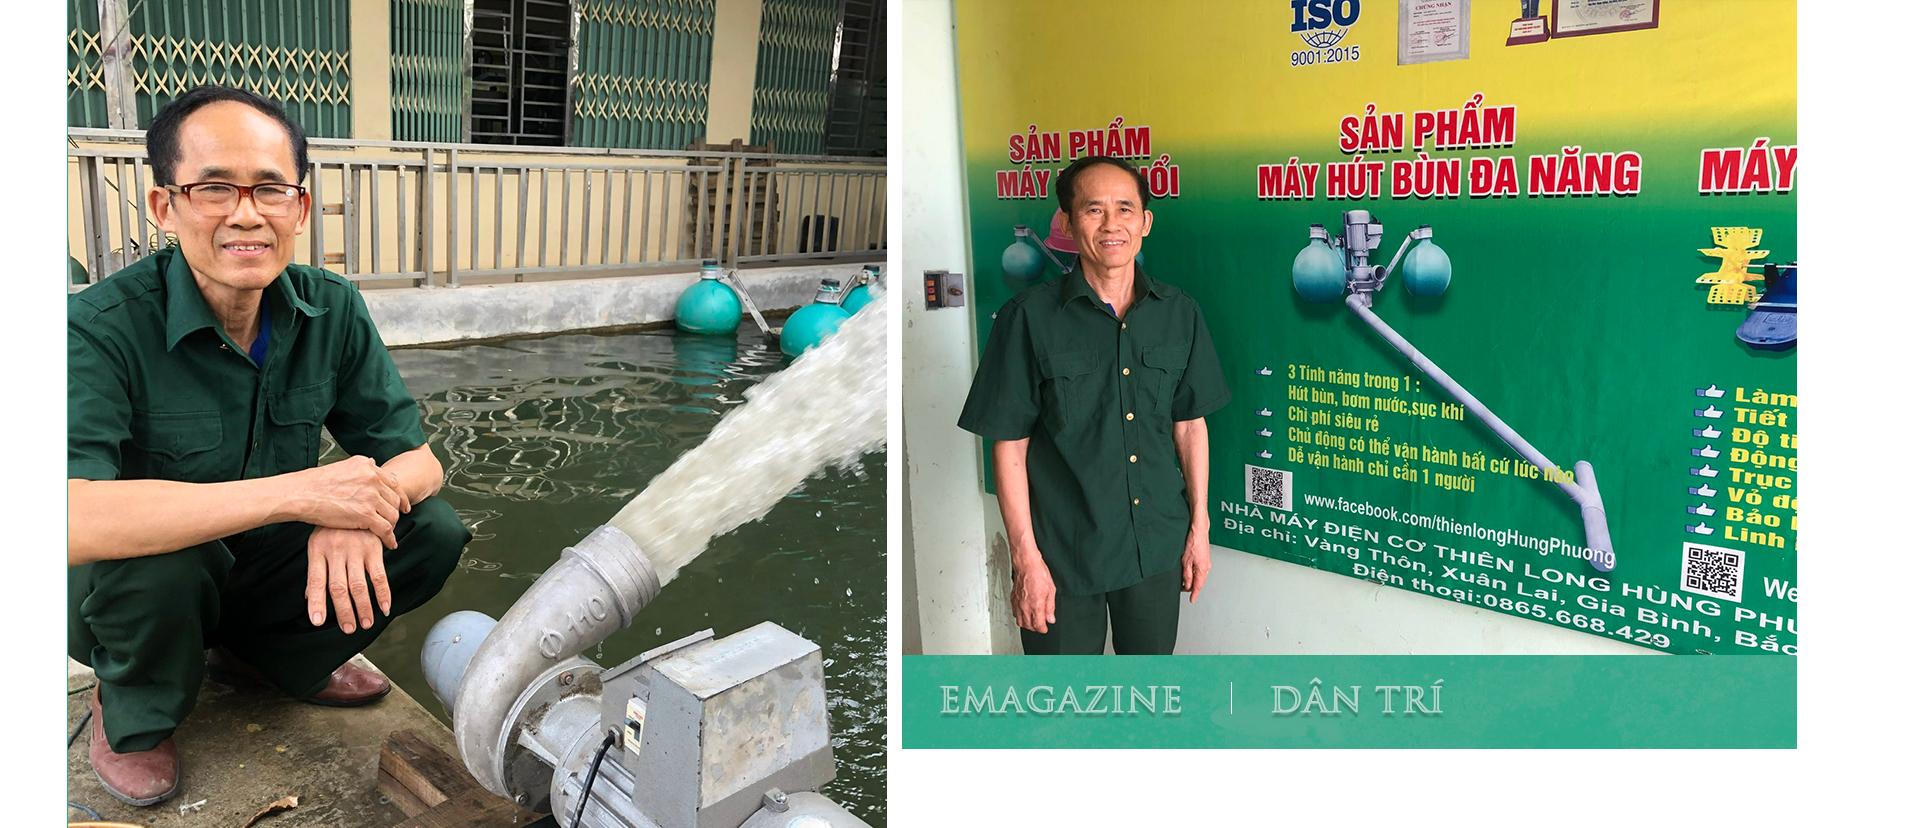 Gặp cựu chiến binh ở Bắc Ninh là nhà sáng chế của nông dân - 13